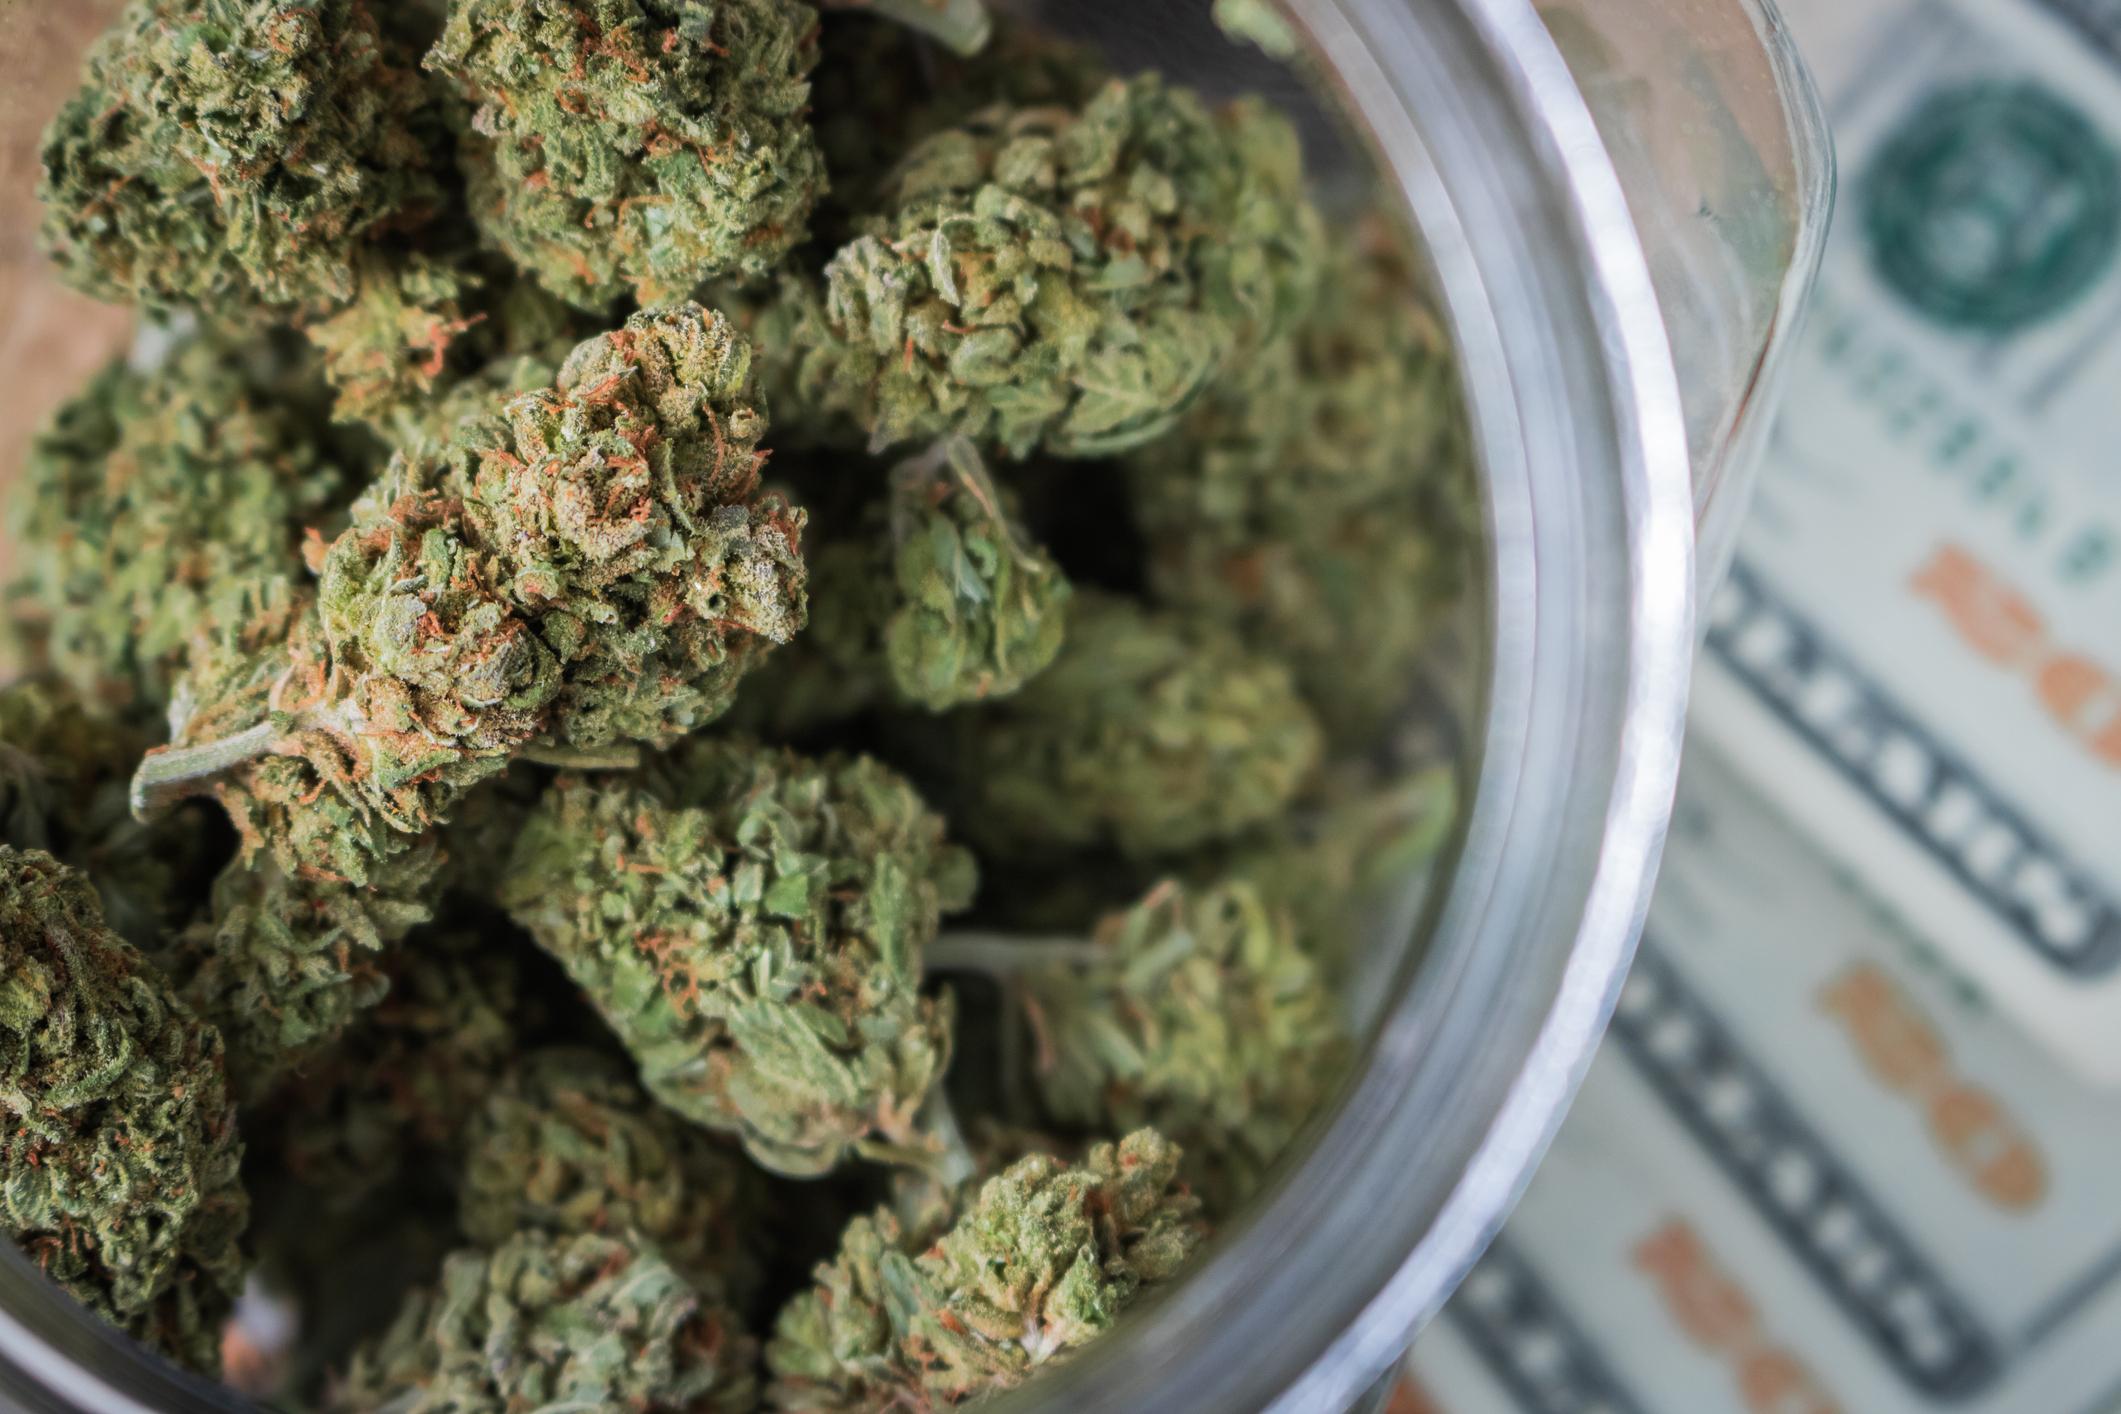 Cannabis buds in a jar sitting atop a fanned pile of twenty-dollar bills.